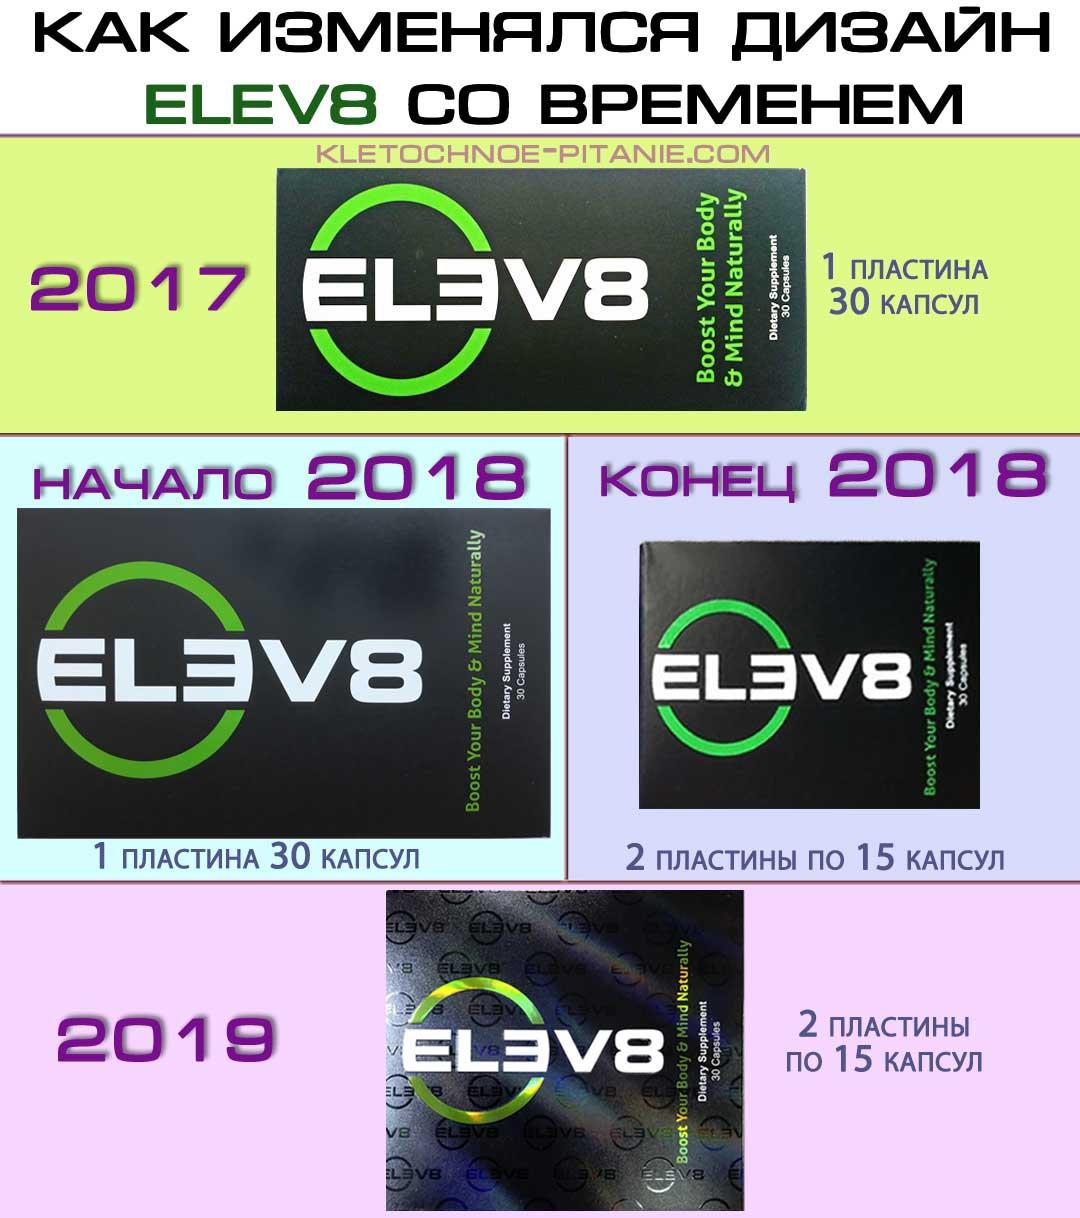 Разные упаковки Elev8 - как выглядят